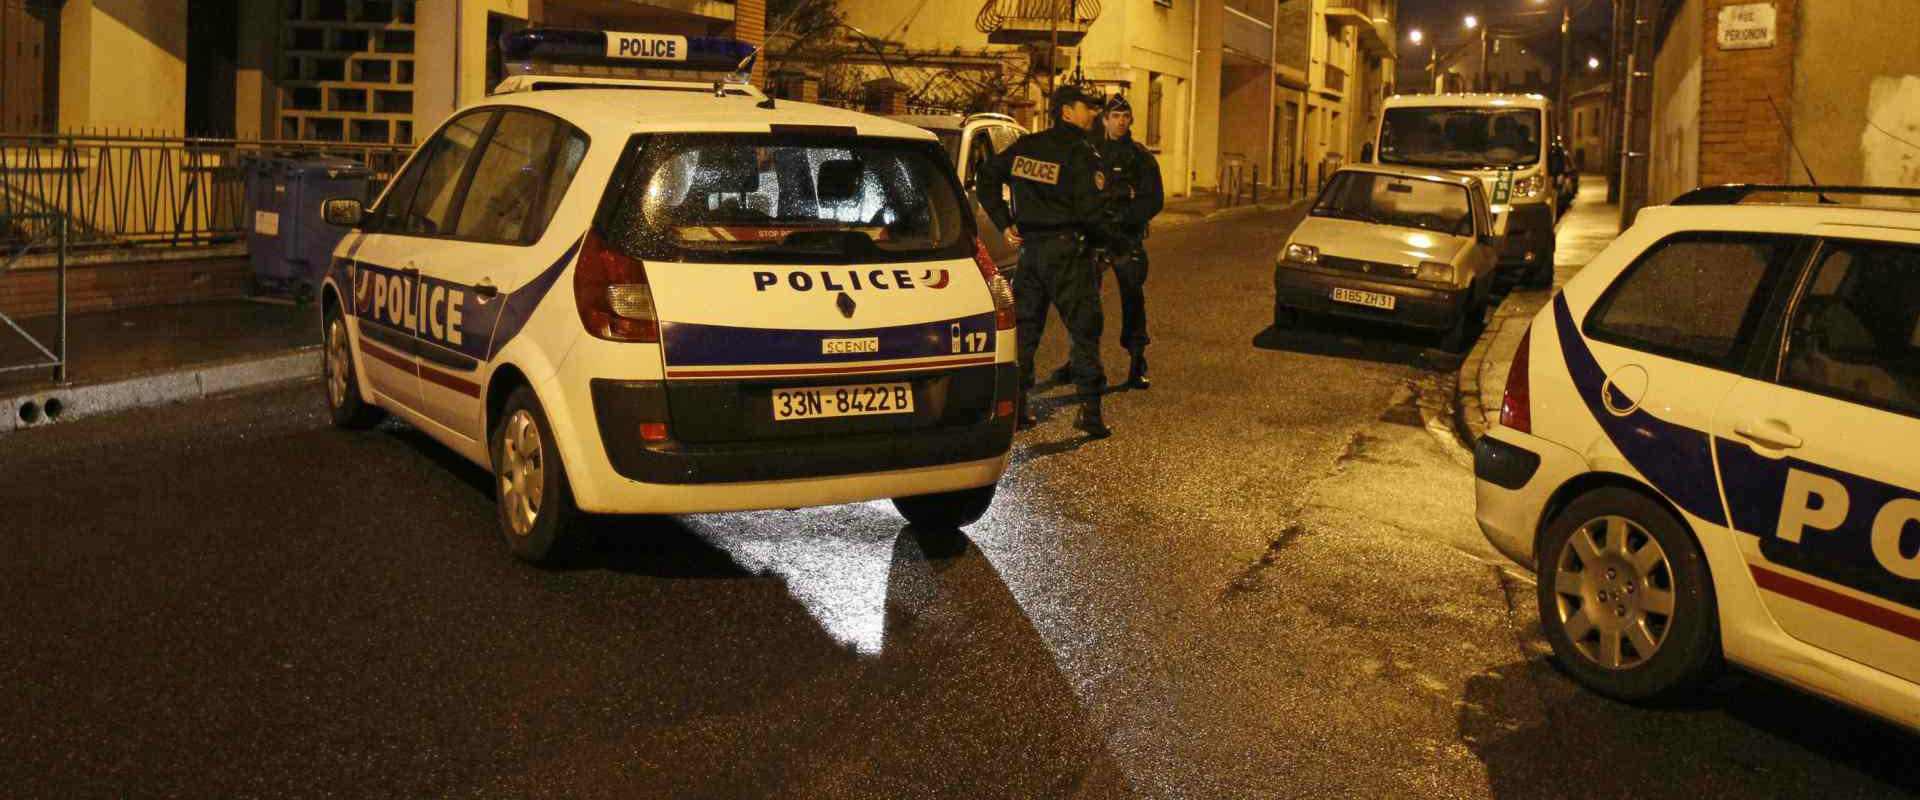 שוטרים בטולוז, צילום ארכיון